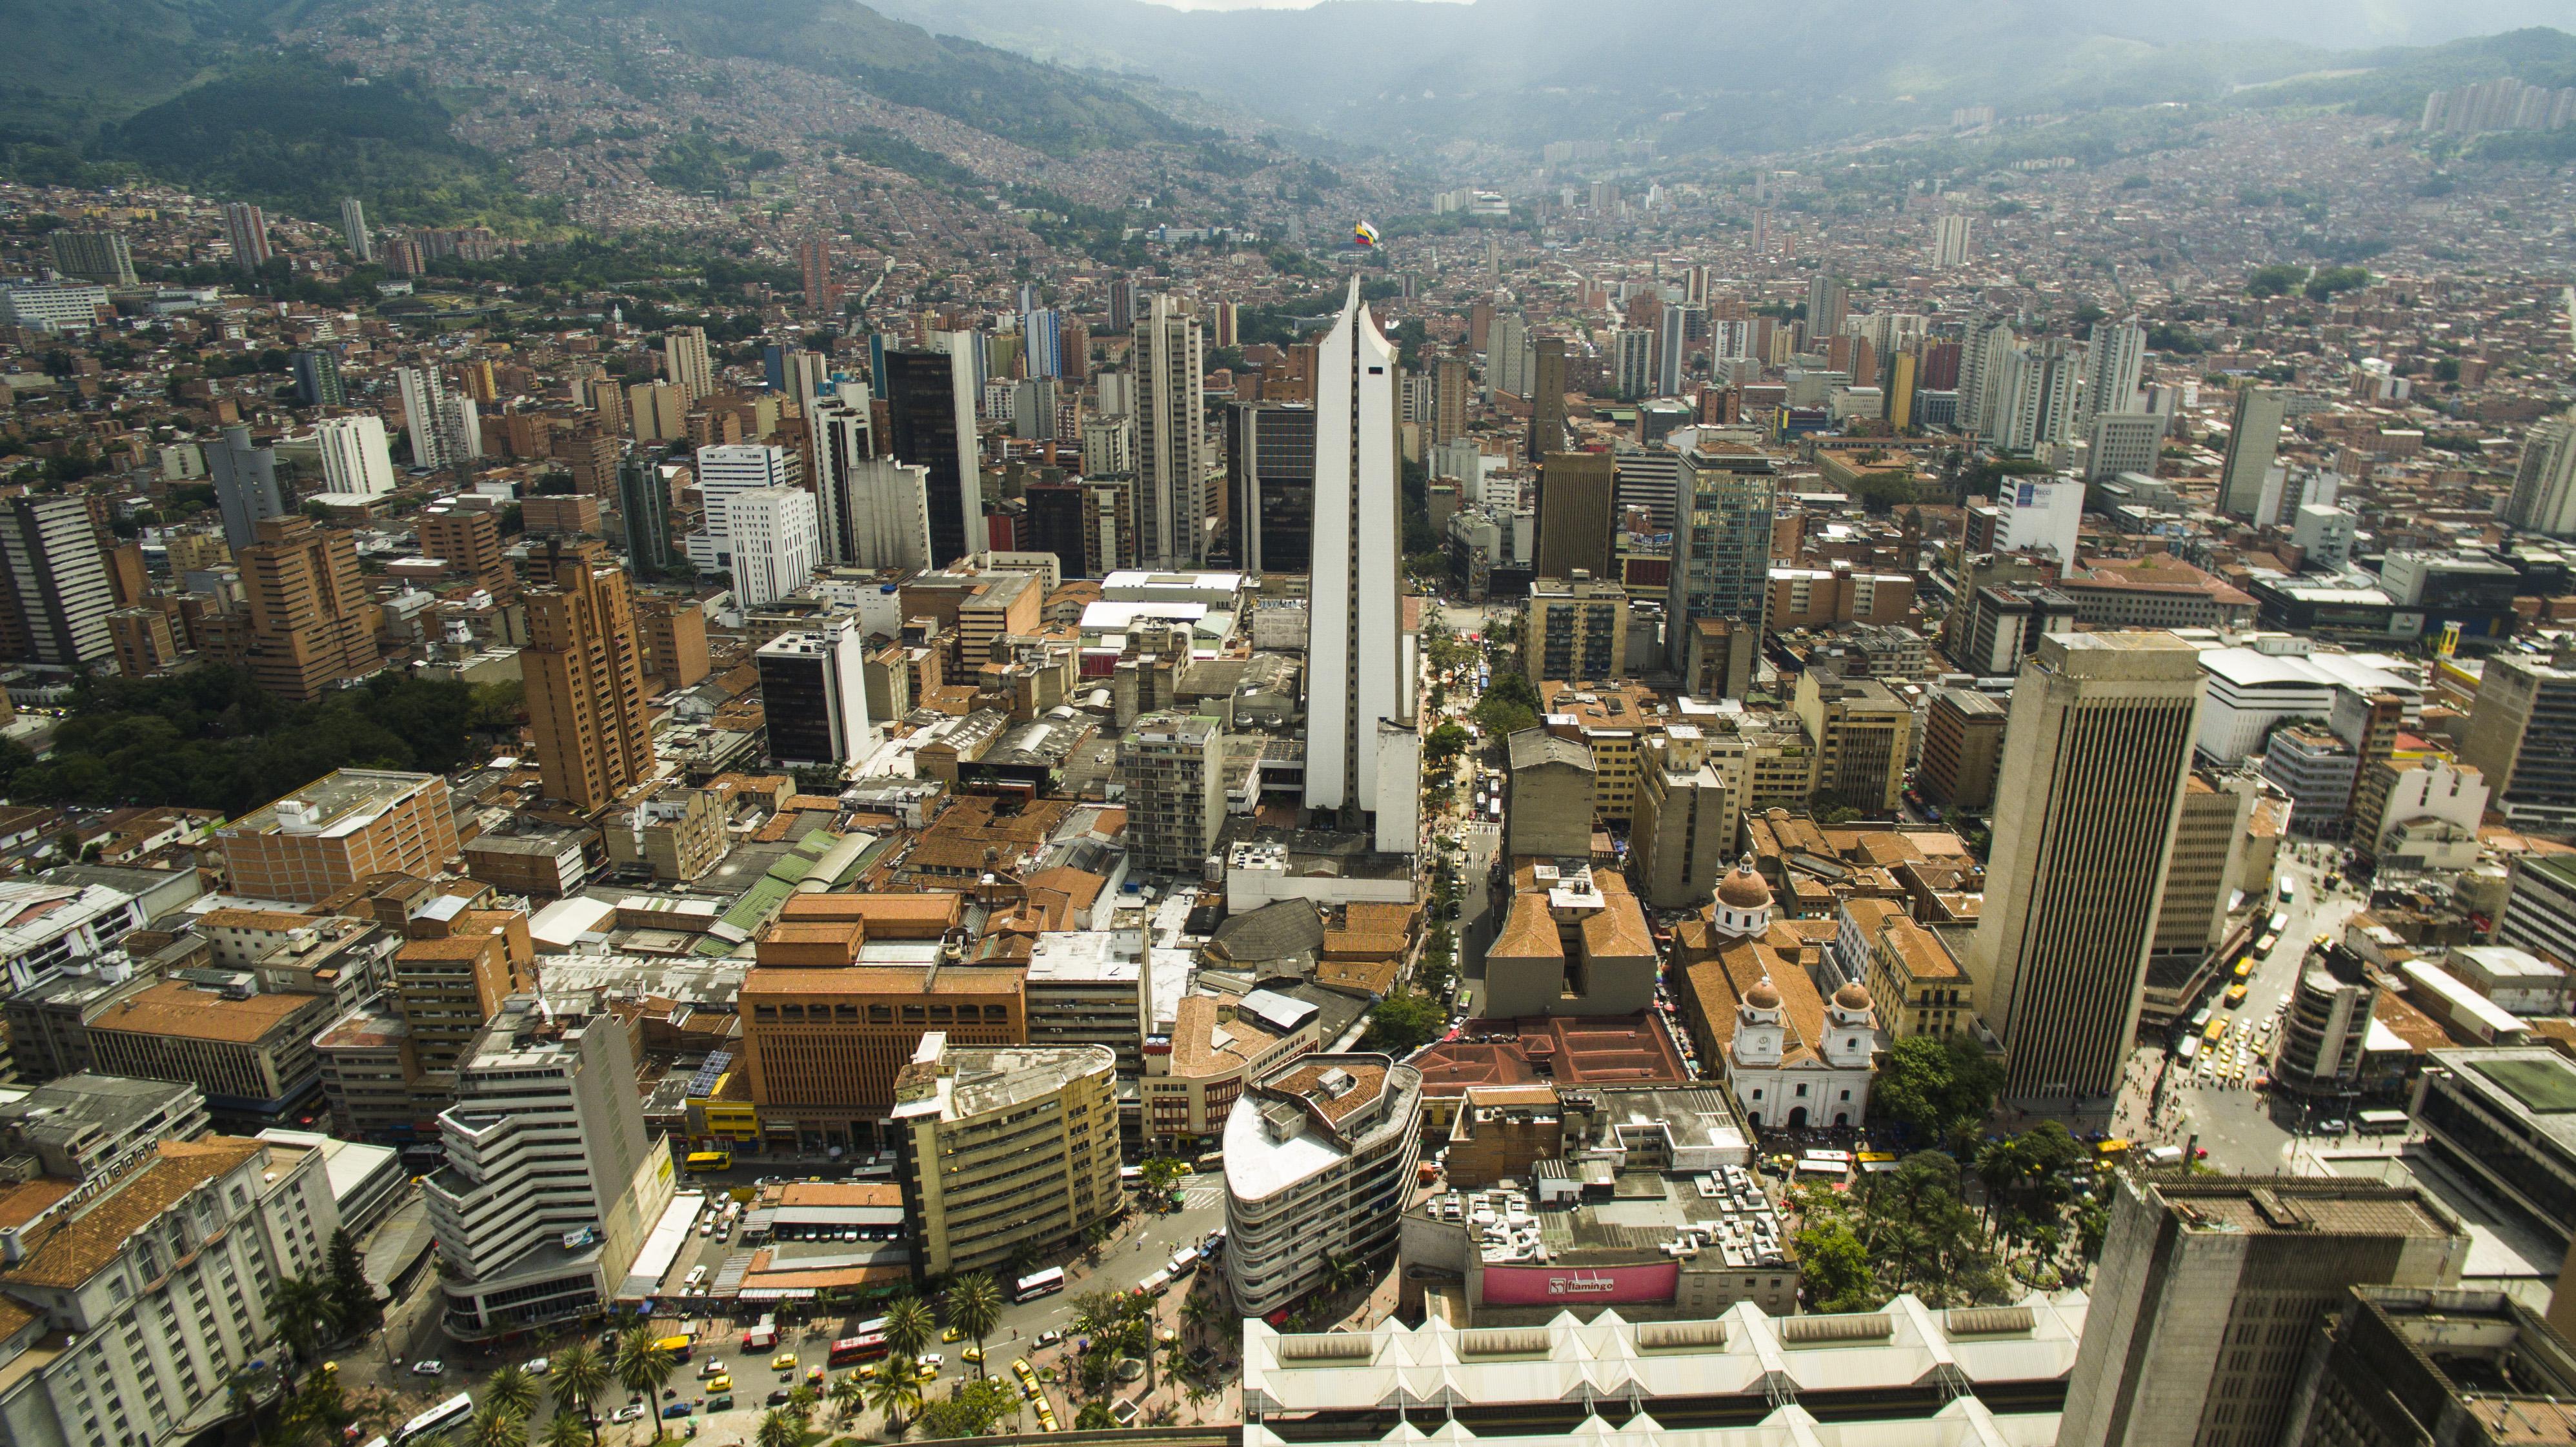 Centro Histórico, Medellín